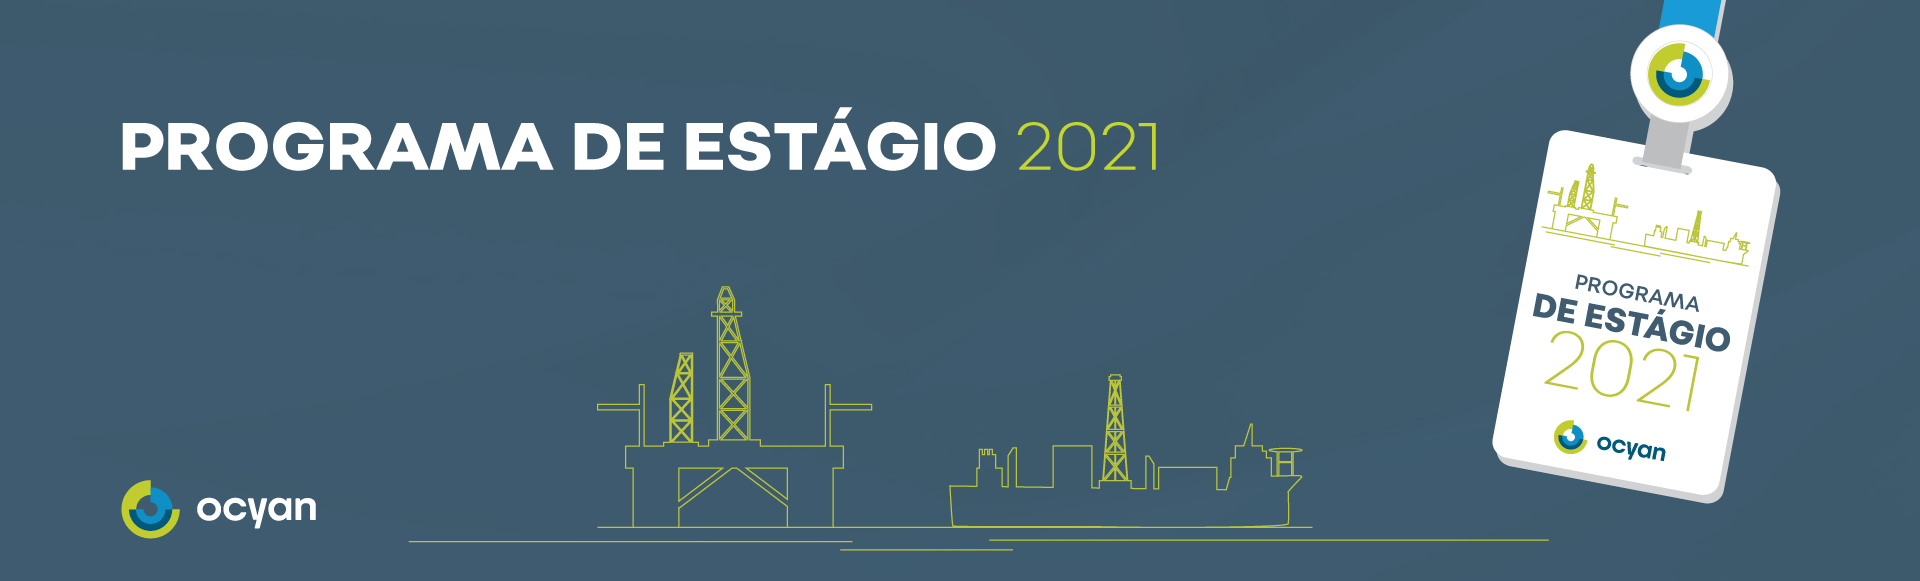 Programa de Estágio 2021 - Macaé